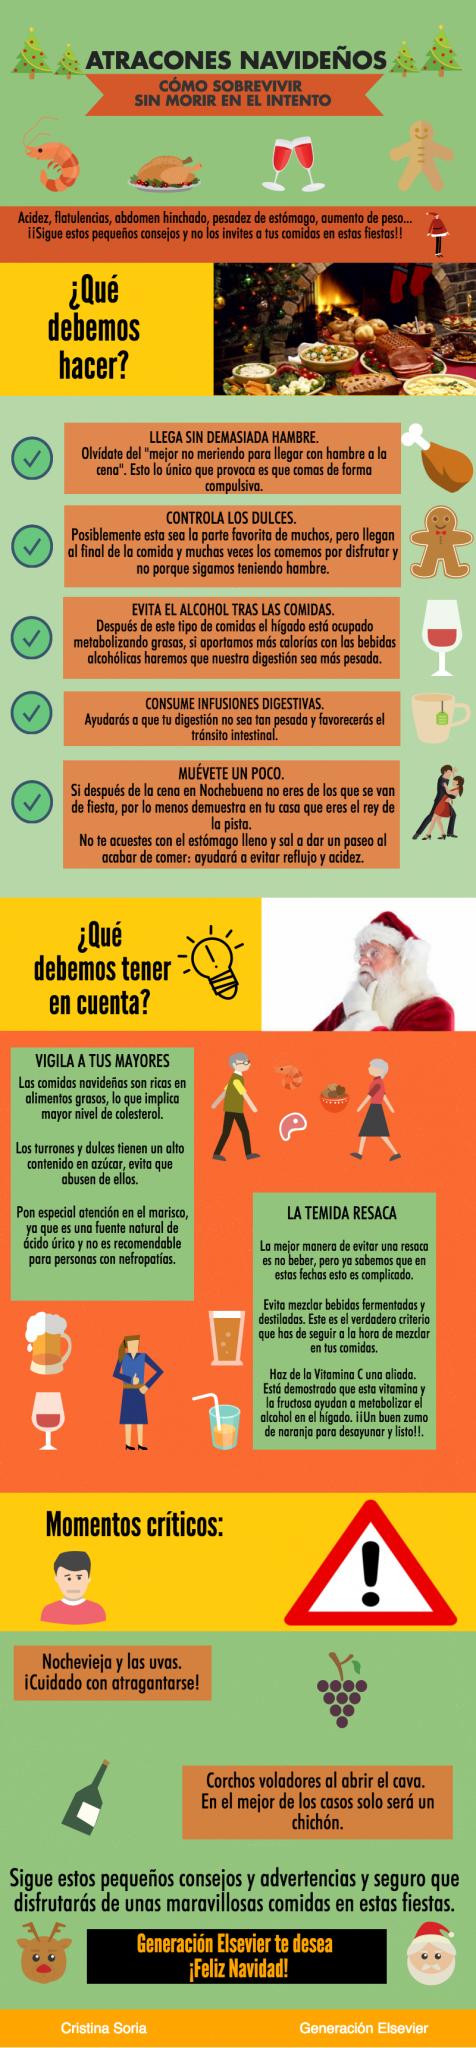 Consejos atracones navideños